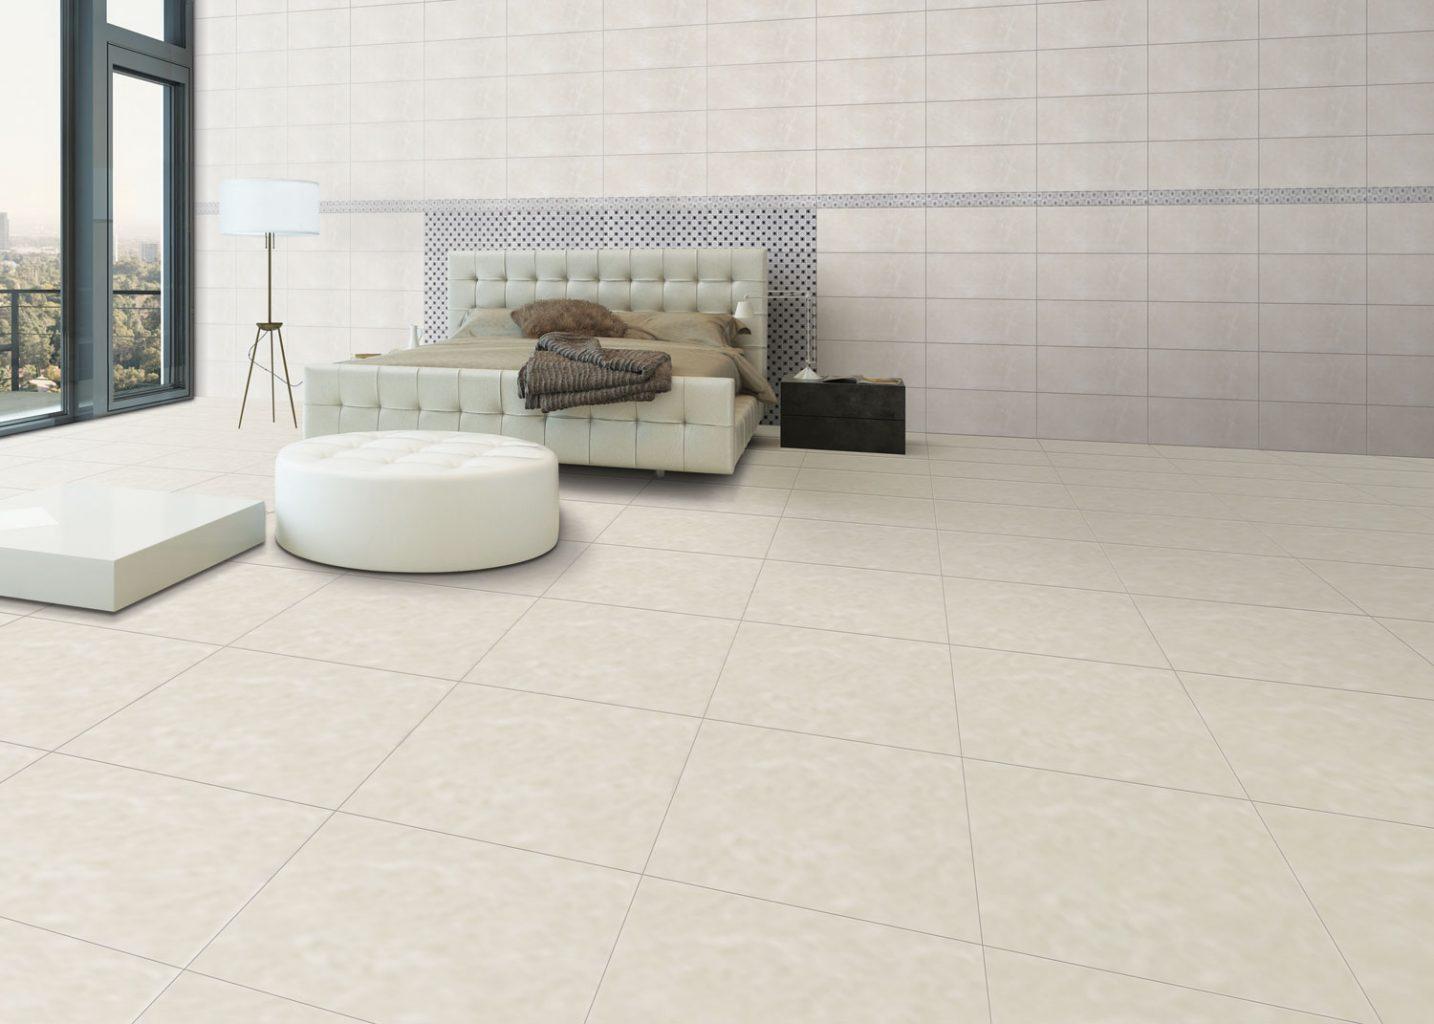 Gạch Ceramic được sản xuất một cách đặc biệt nhất nhằm đảm bảo tính thẩm mỹ cho ngôi nhà